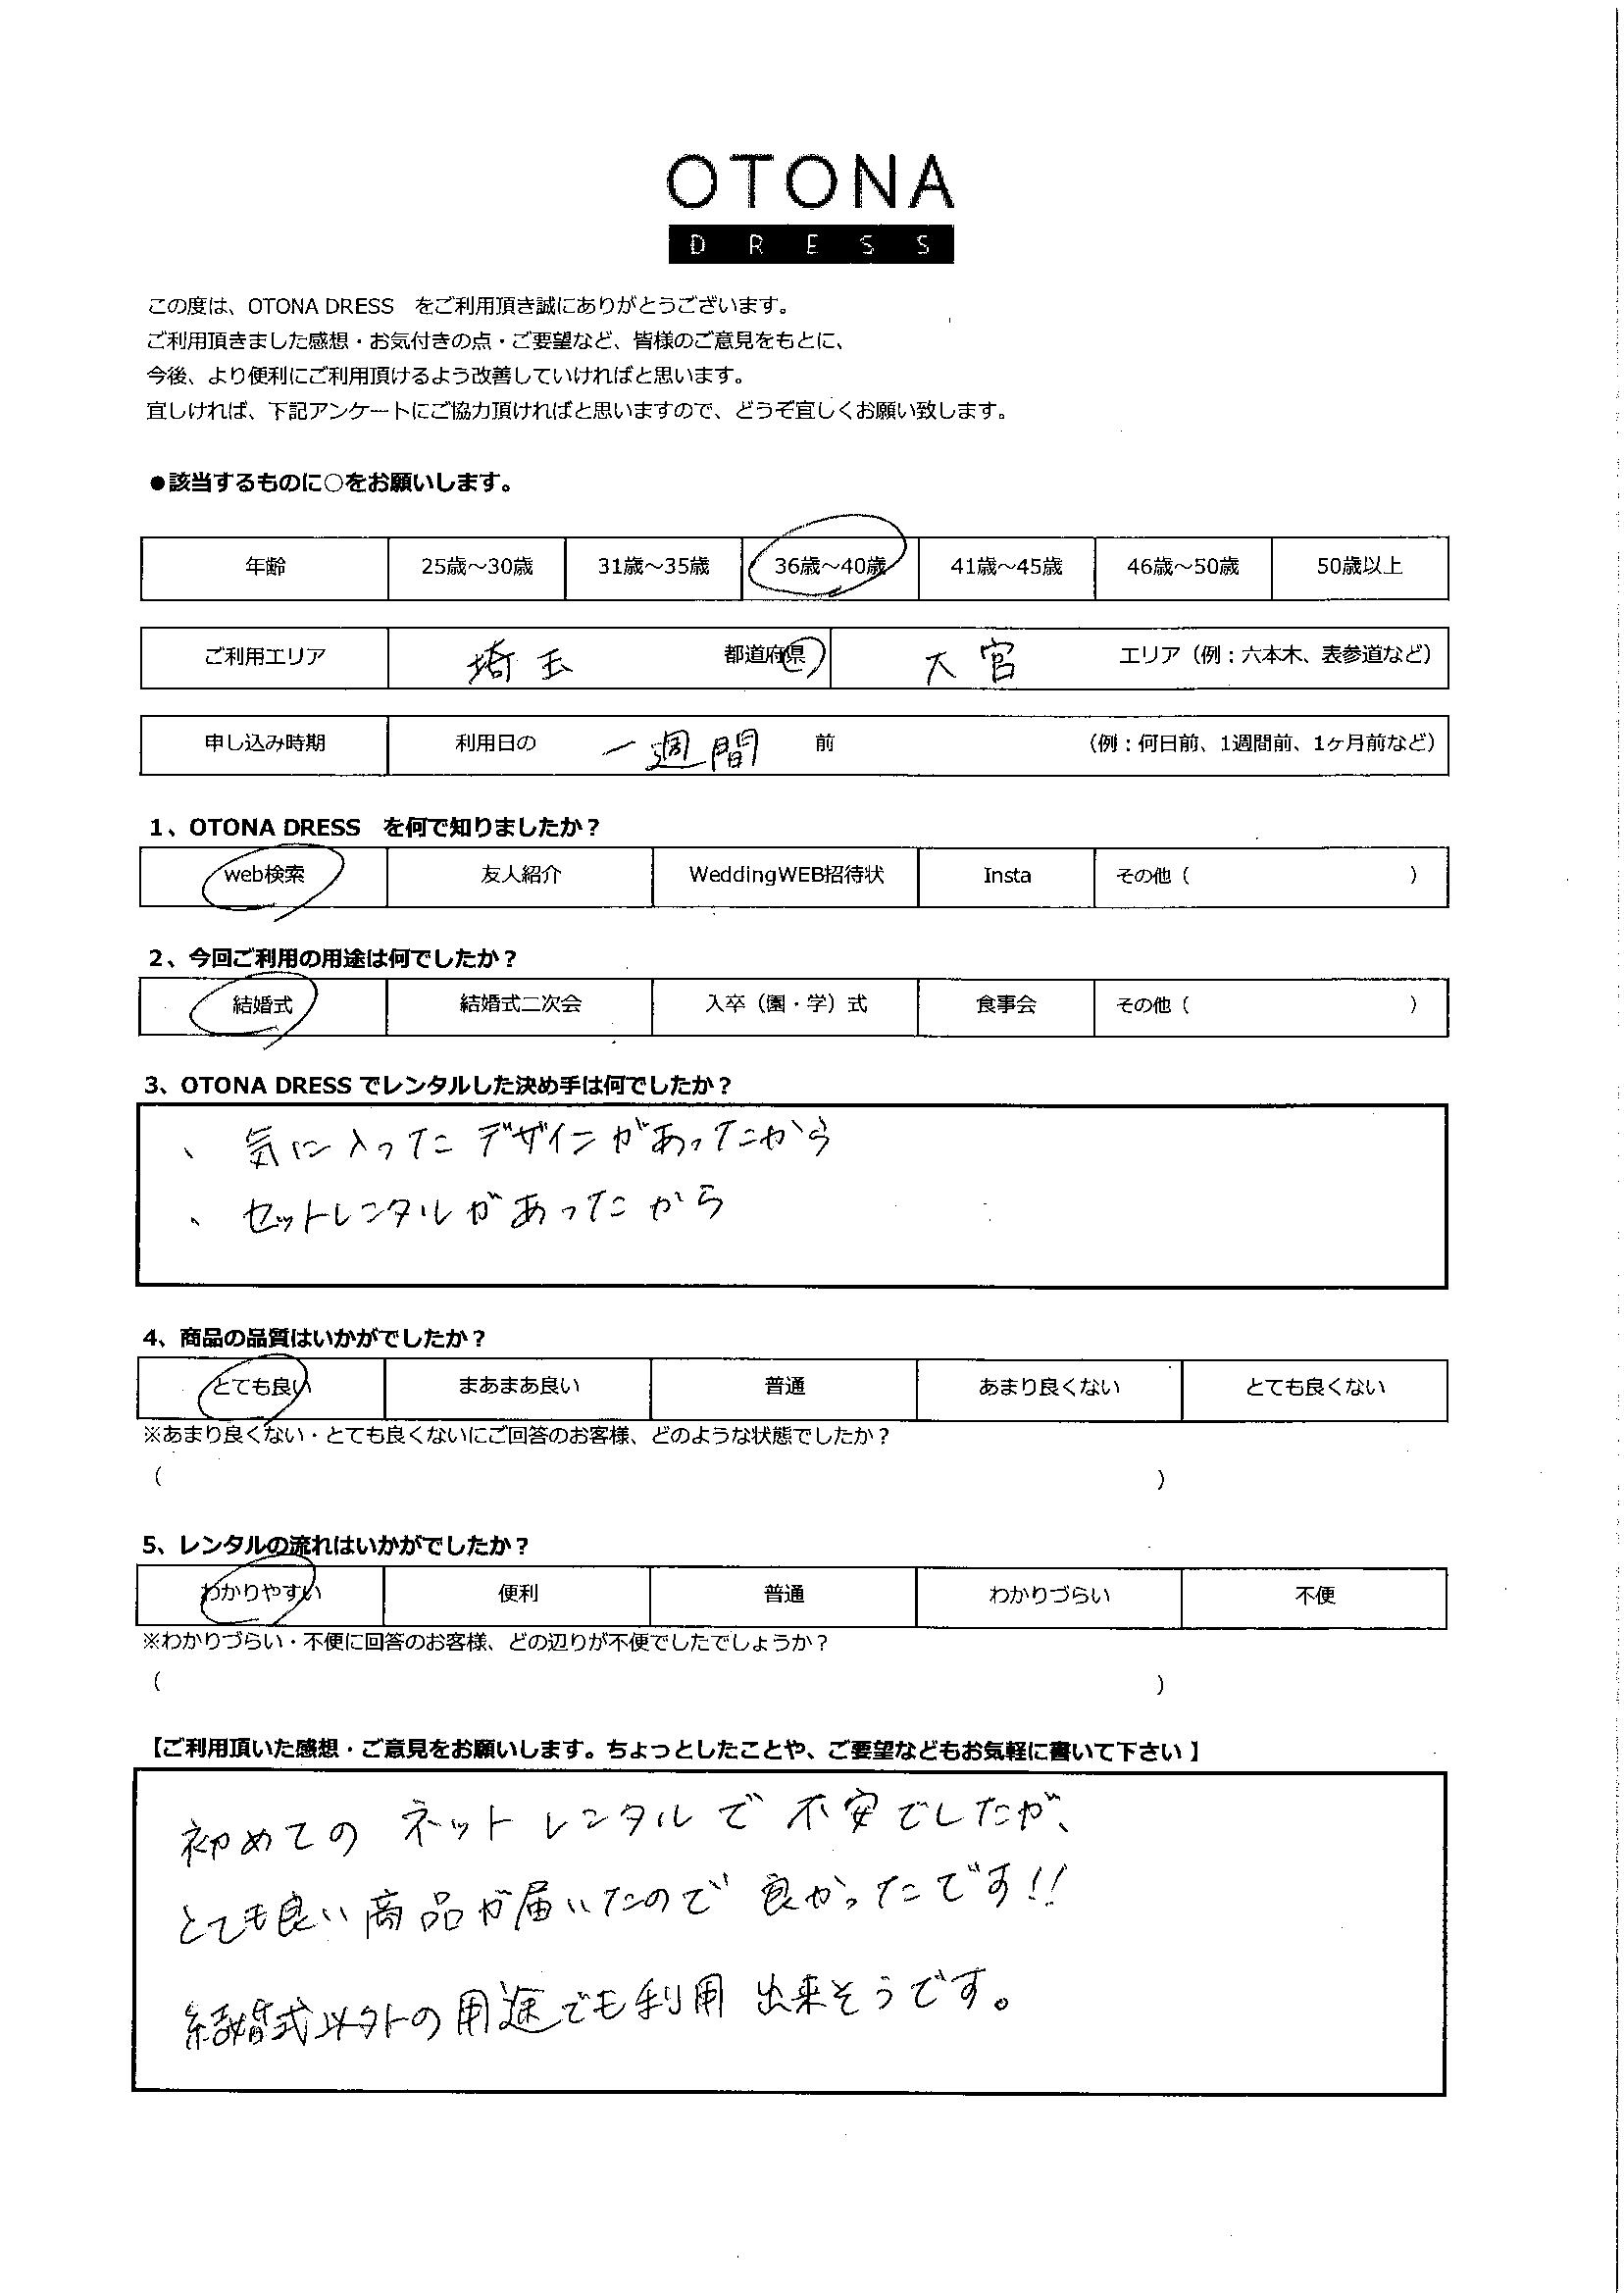 10/10結婚式ご利用 埼玉・大宮エリア